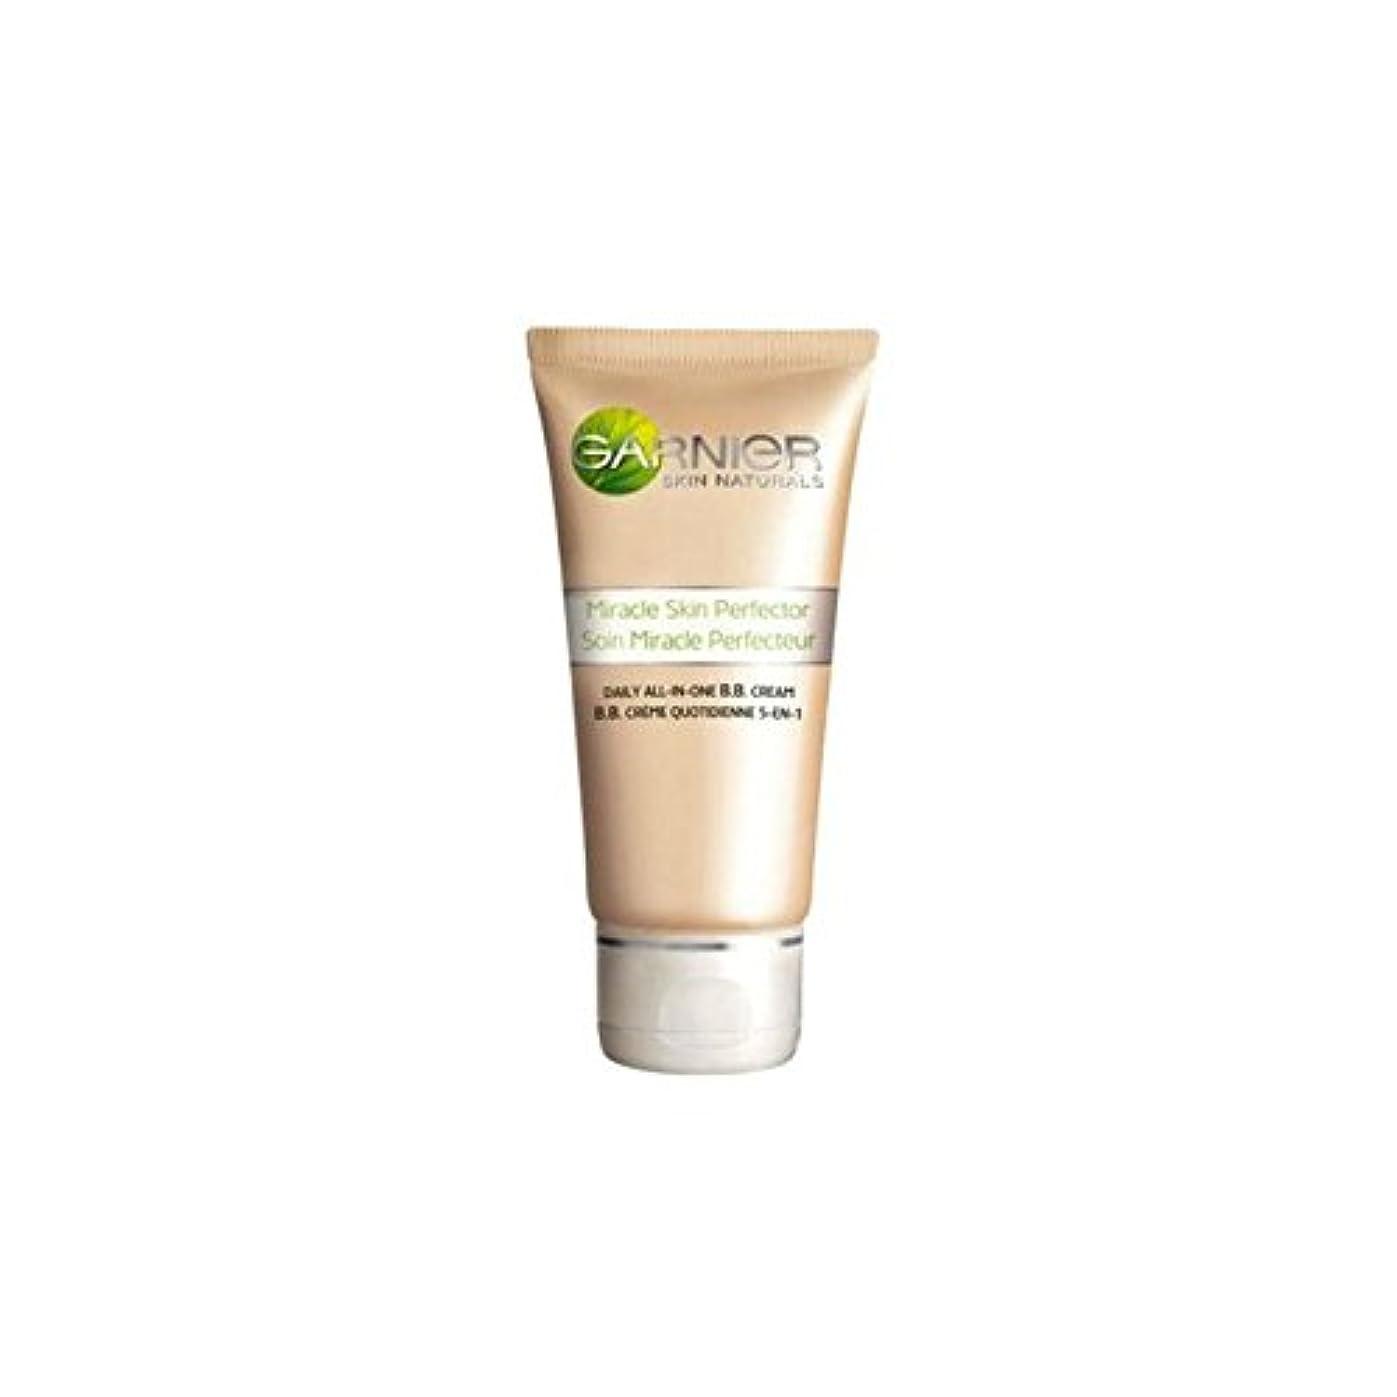 札入れレモンフォークGarnier Original Medium Bb Cream (50ml) (Pack of 6) - ガルニエオリジナル媒体クリーム(50)中 x6 [並行輸入品]